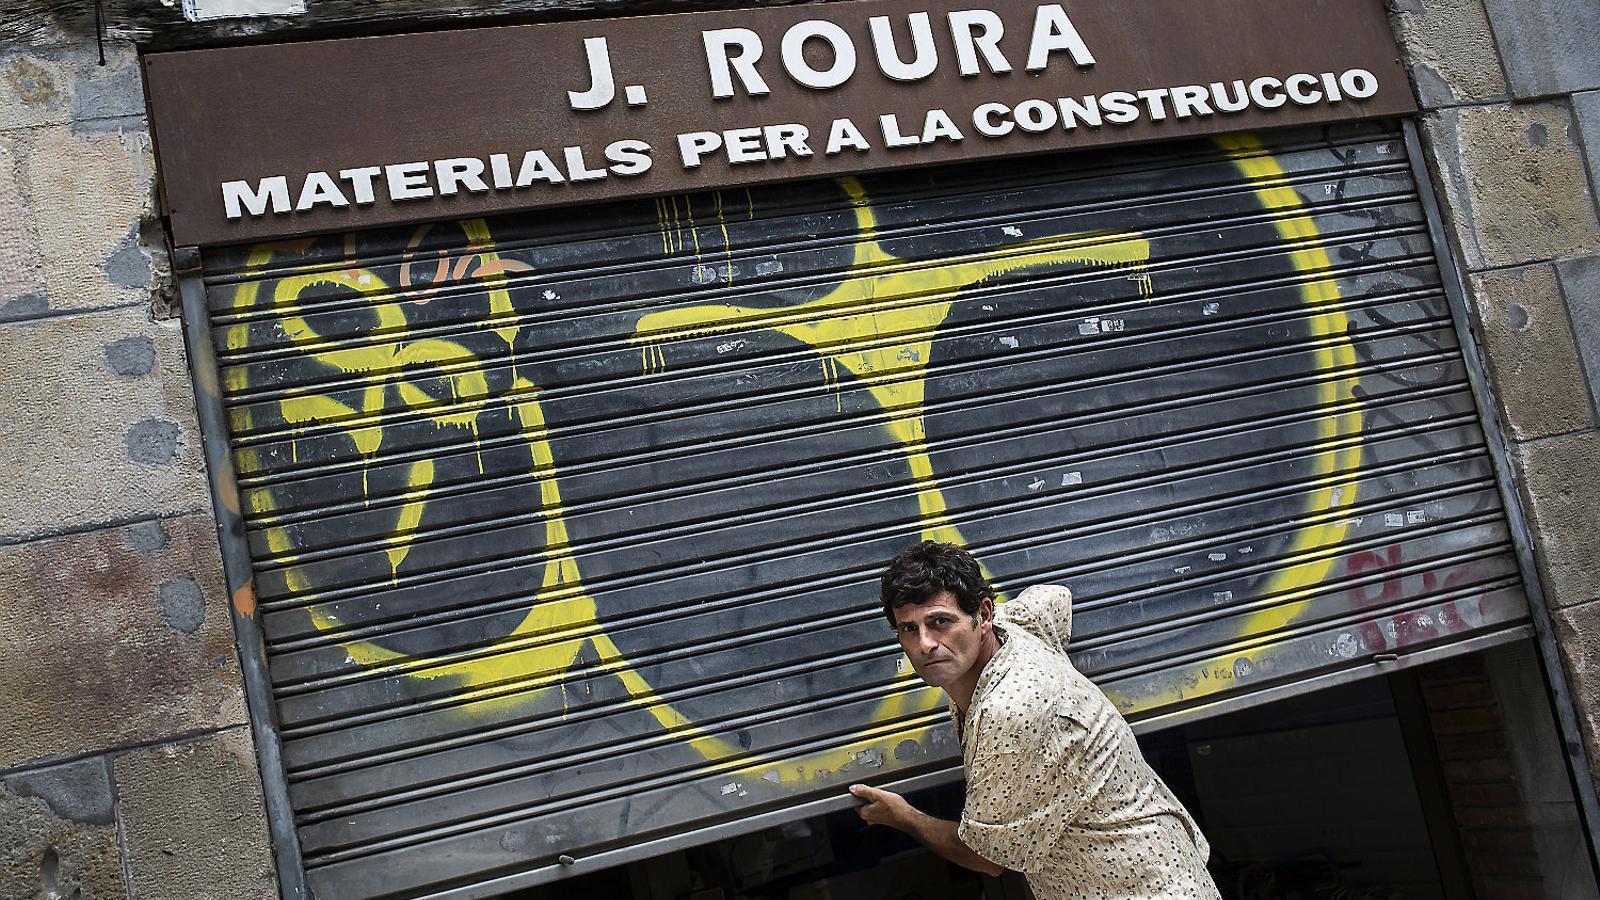 Joan Roura davant de la botiga familiar de material de construcció, ara tancada.